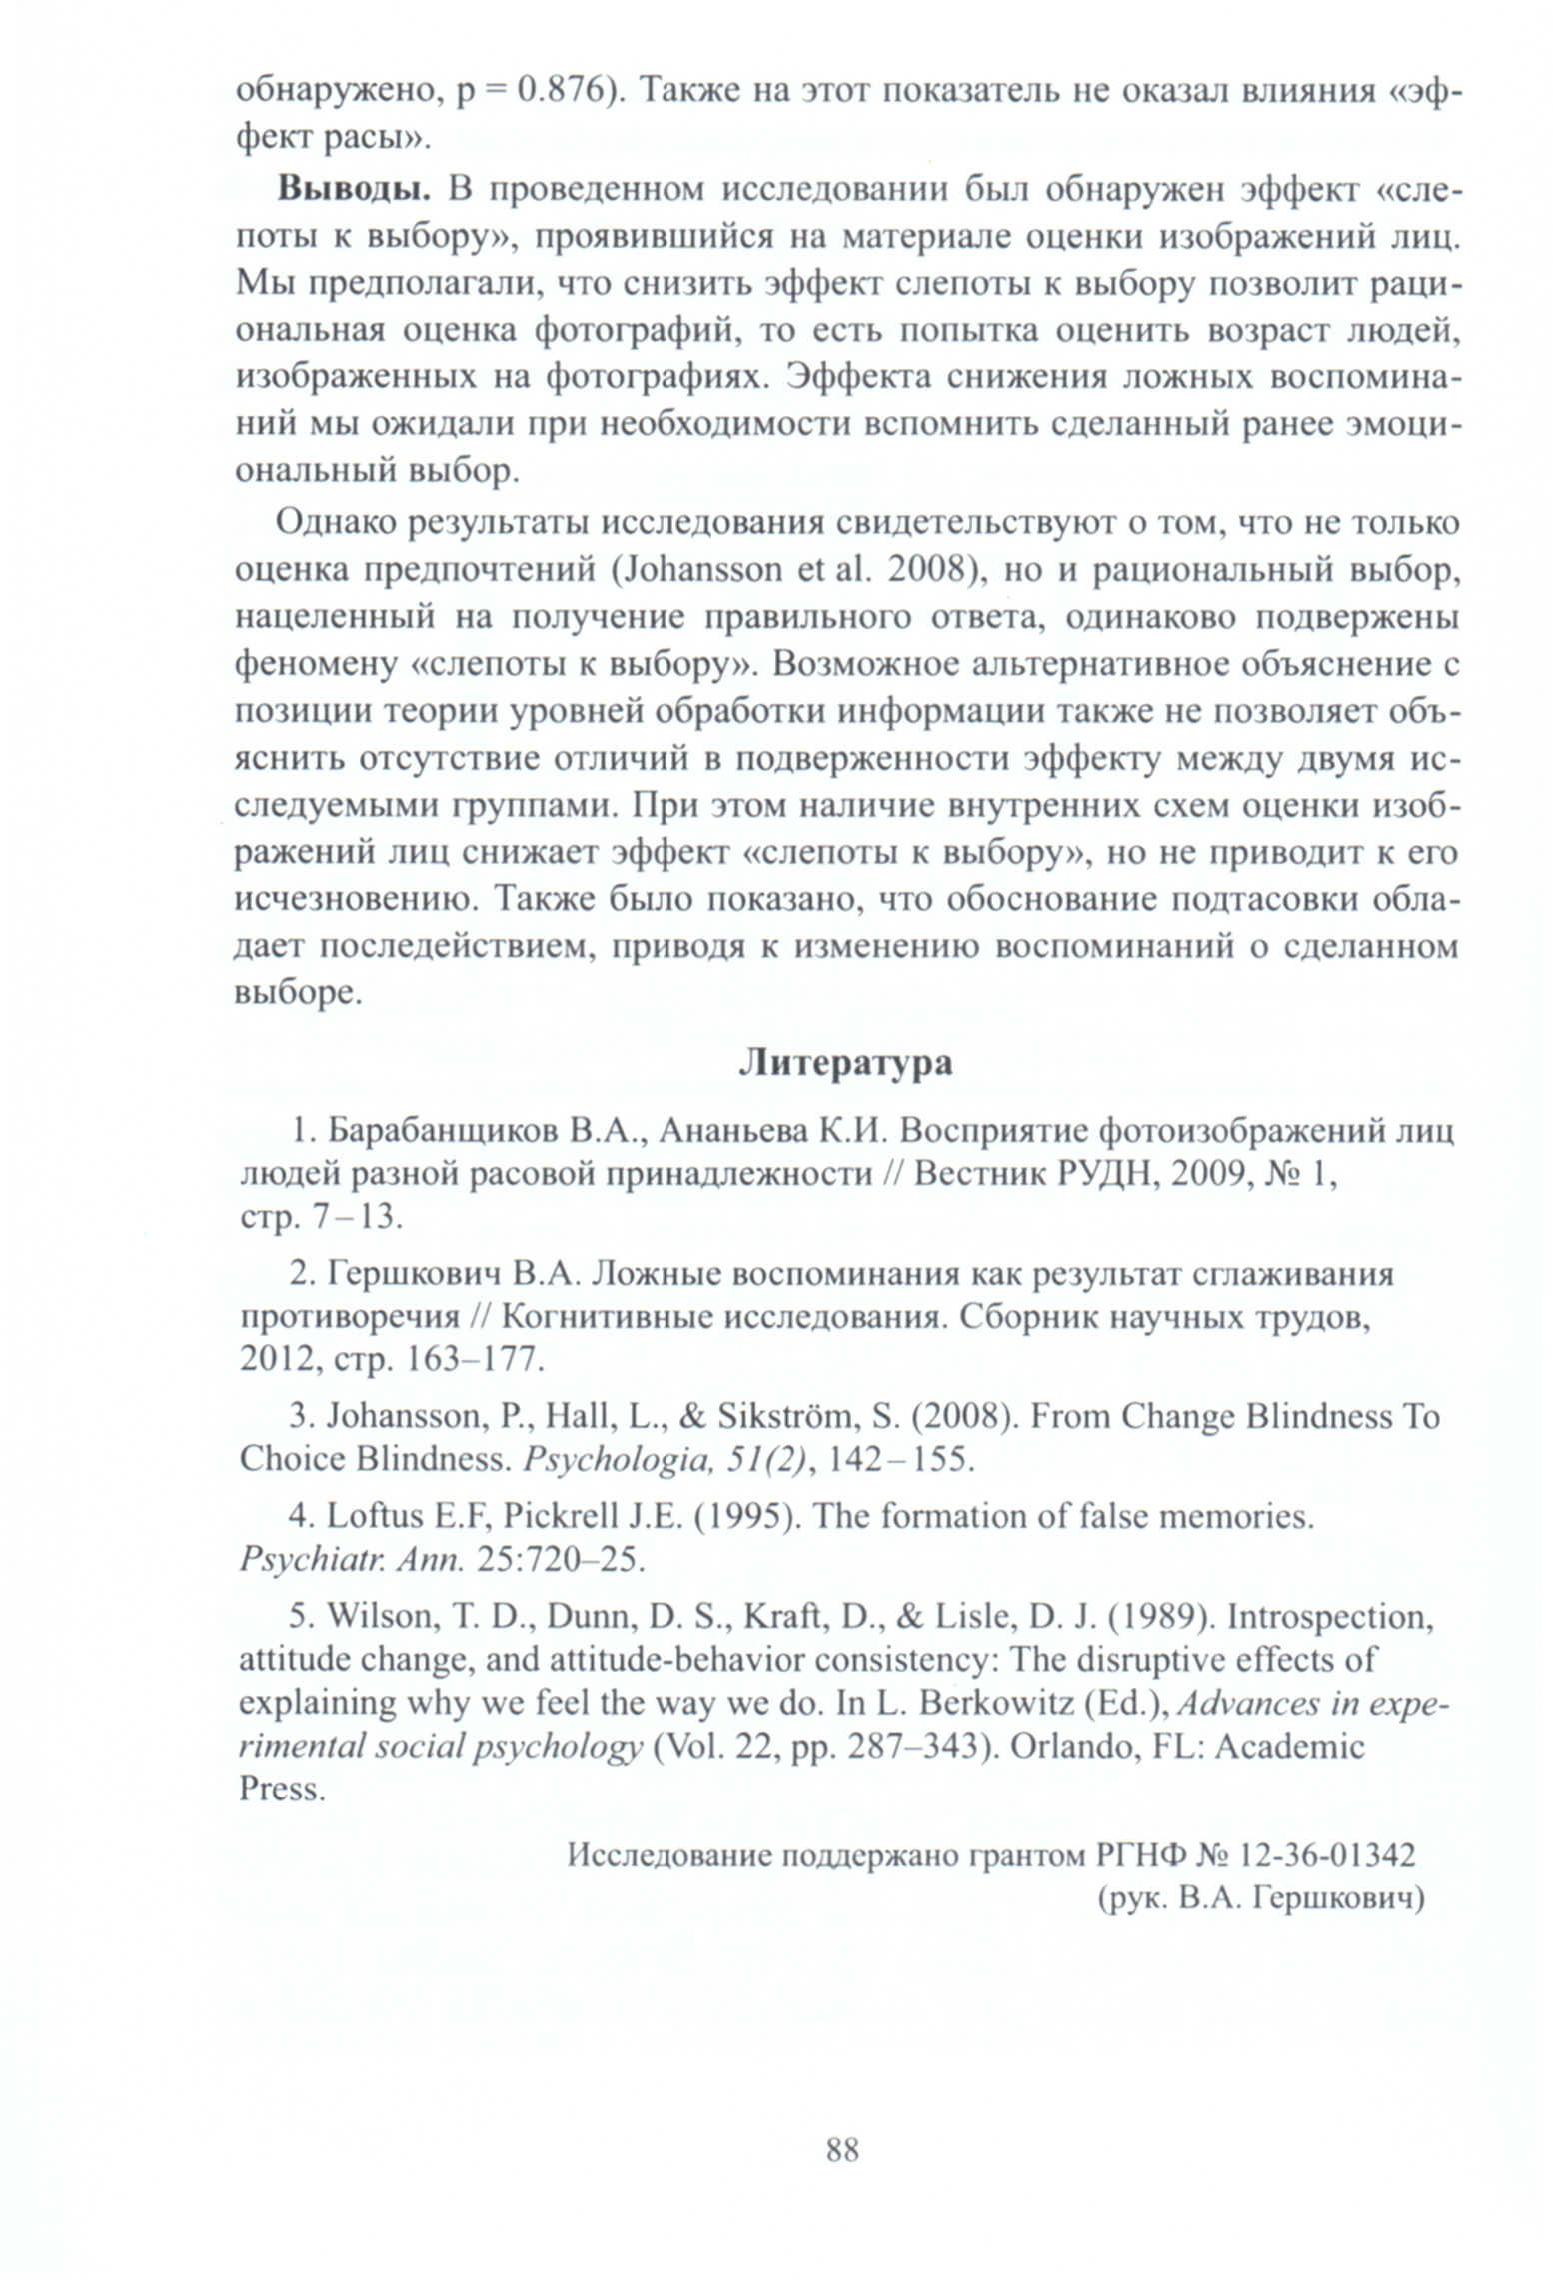 тезисы Гершкович_Савиных (1)-6